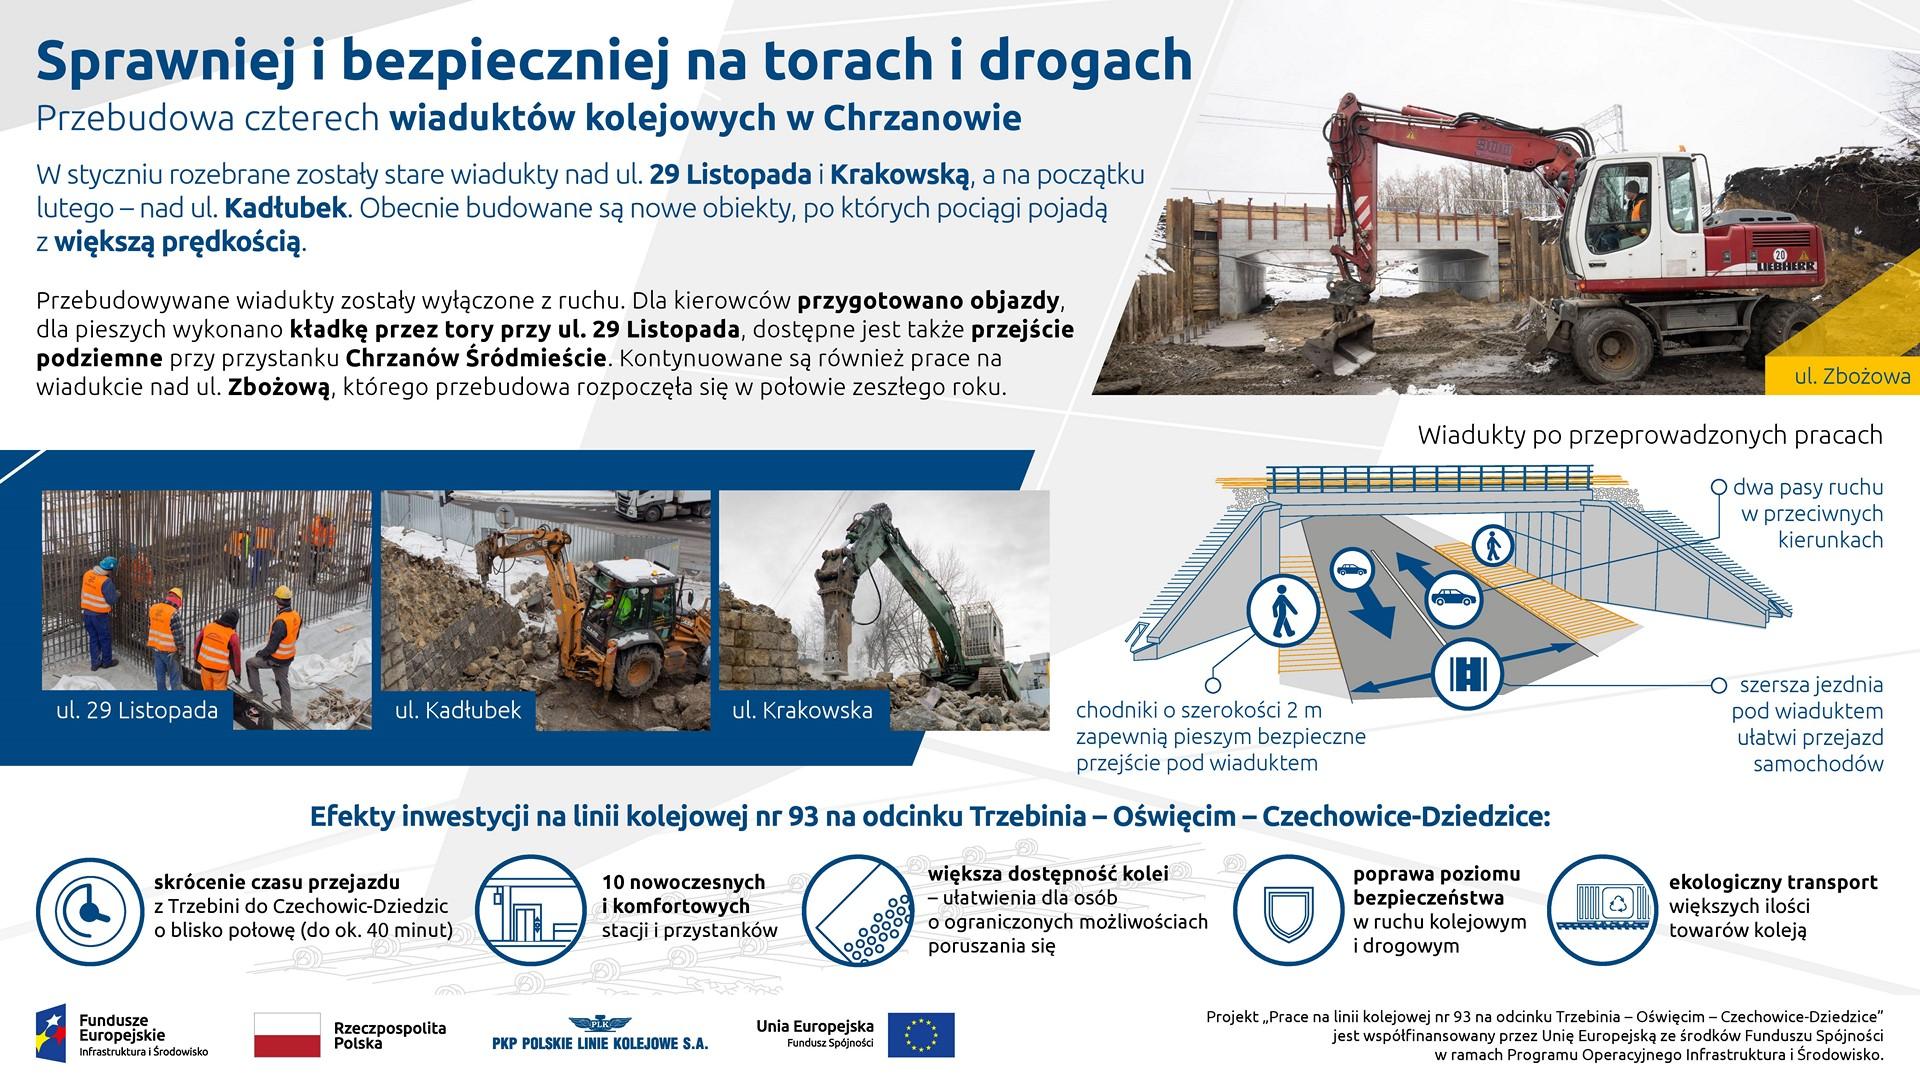 Infografika: przedstawia postęp prac na wiaduktach w Chrzanowie. Pokazuje zdjęcia z ulicy 29 listopada, Kadłubek i Krakowskiej. Dodatkowo pokazuje wizualizacje nowych konstrukcji oraz korzyści wynikające z inwestycji.